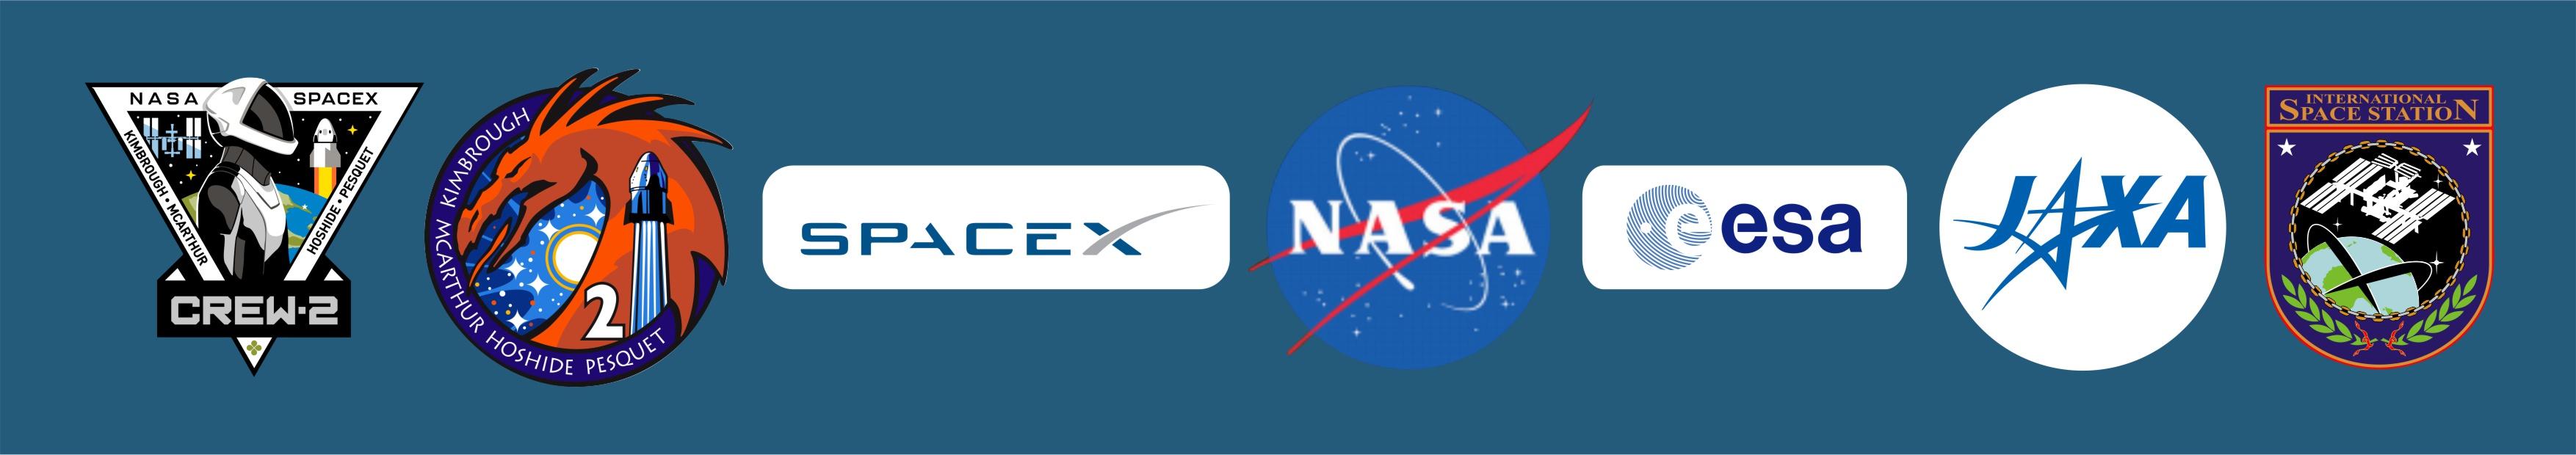 Эмблемы и нашивки миссии Falcon 9 / Crew-2